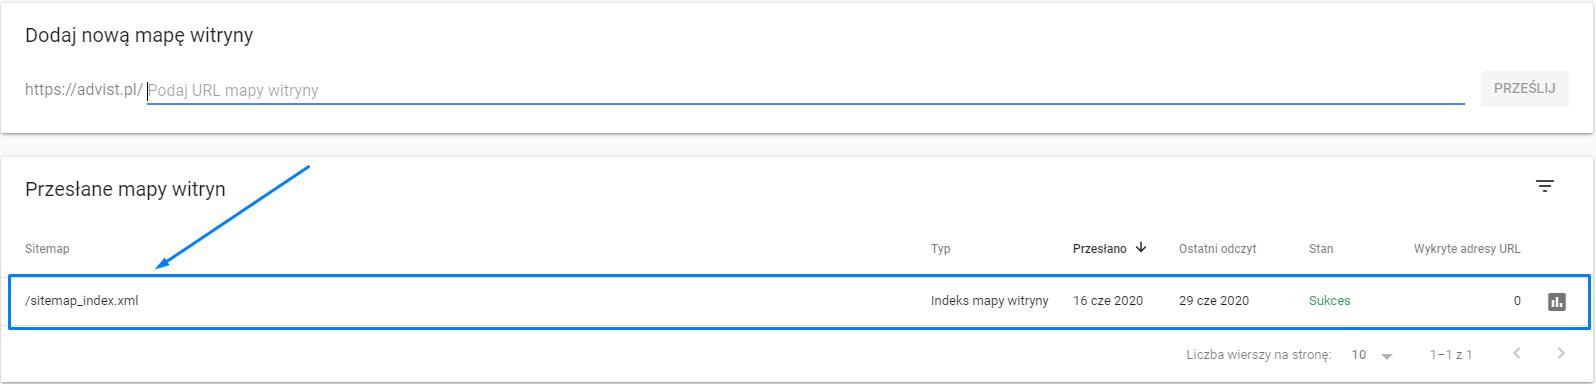 Dodawanie sitemapy w Google Search Console